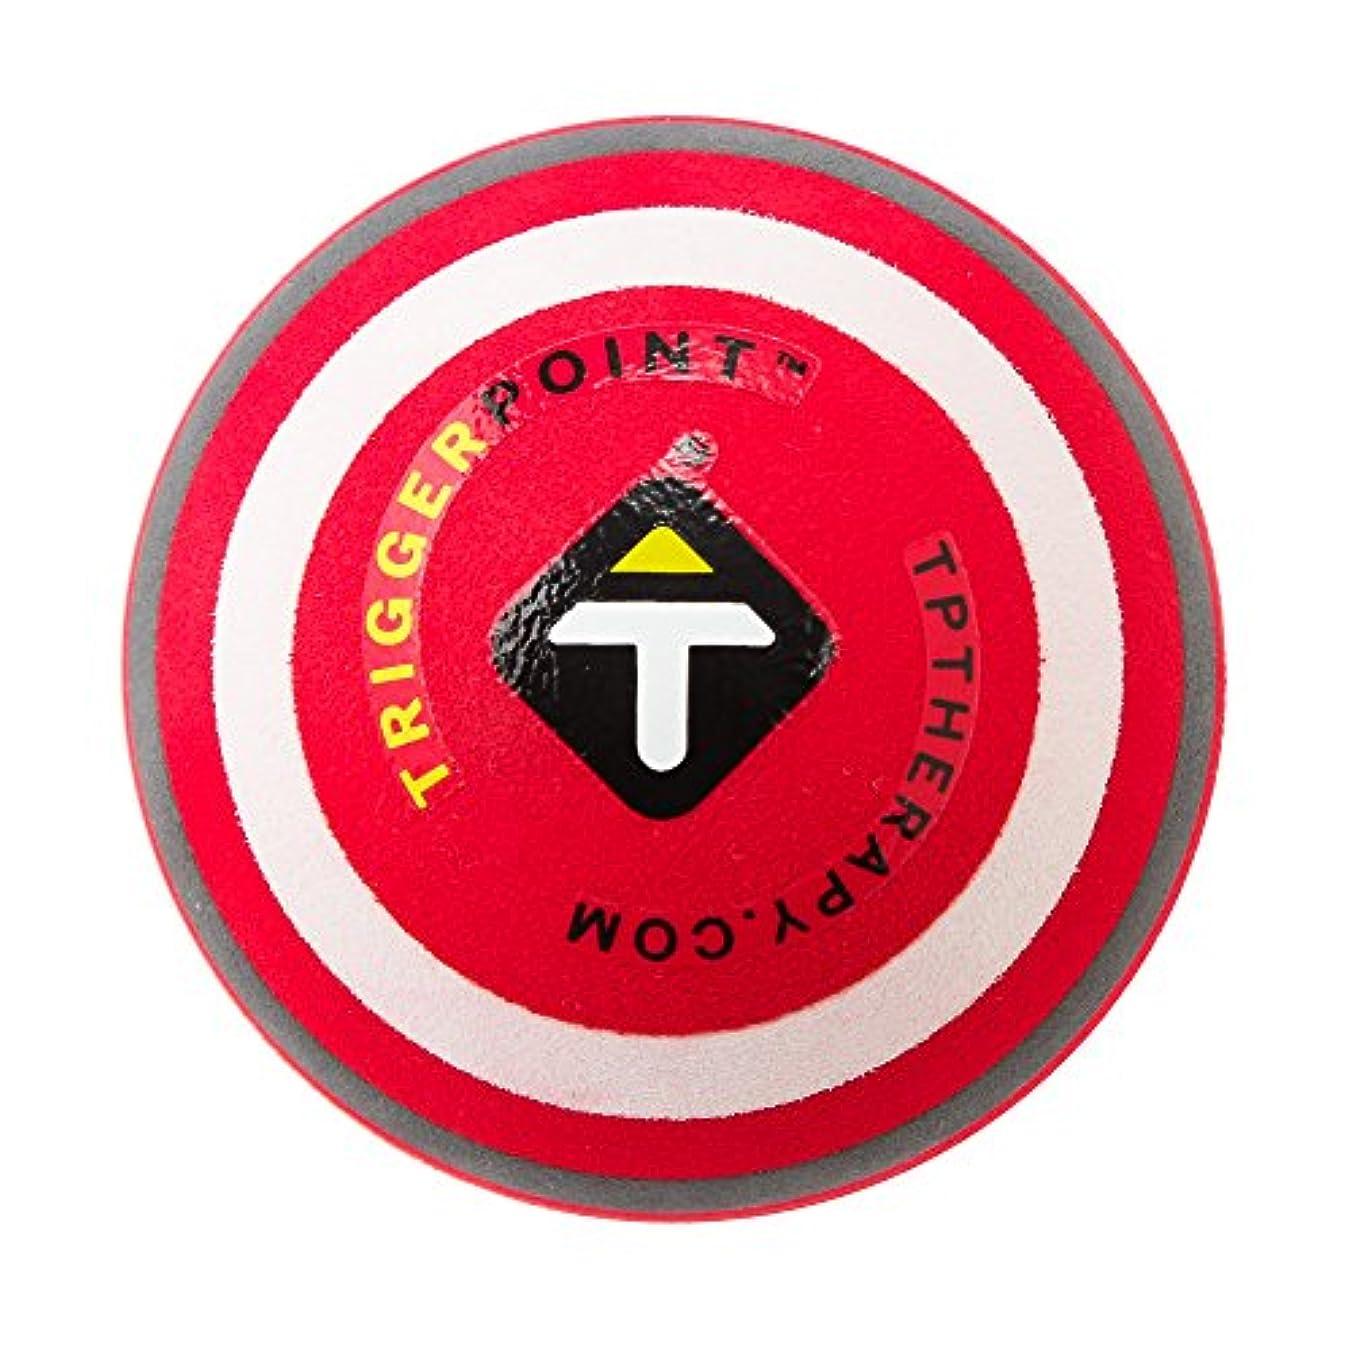 トリガーポイント MBX マッサージボール trigger point [並行輸入品]